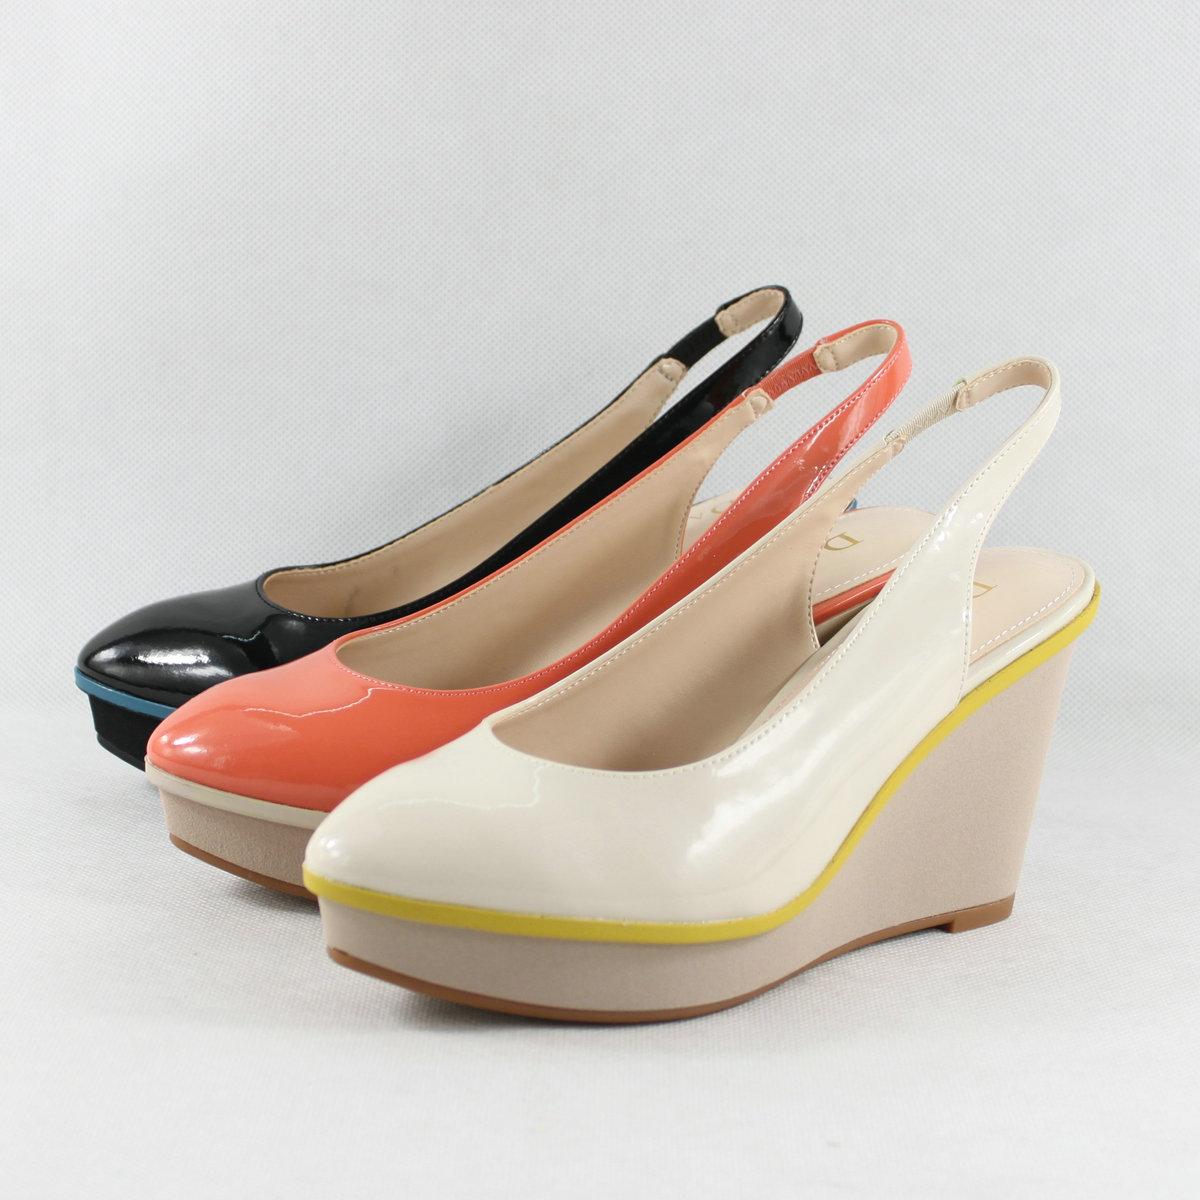 达芙妮坡跟鞋 Daphne达芙妮中空纯色亮面坡跟女单鞋1013102071_推荐淘宝好看的达芙妮坡跟鞋